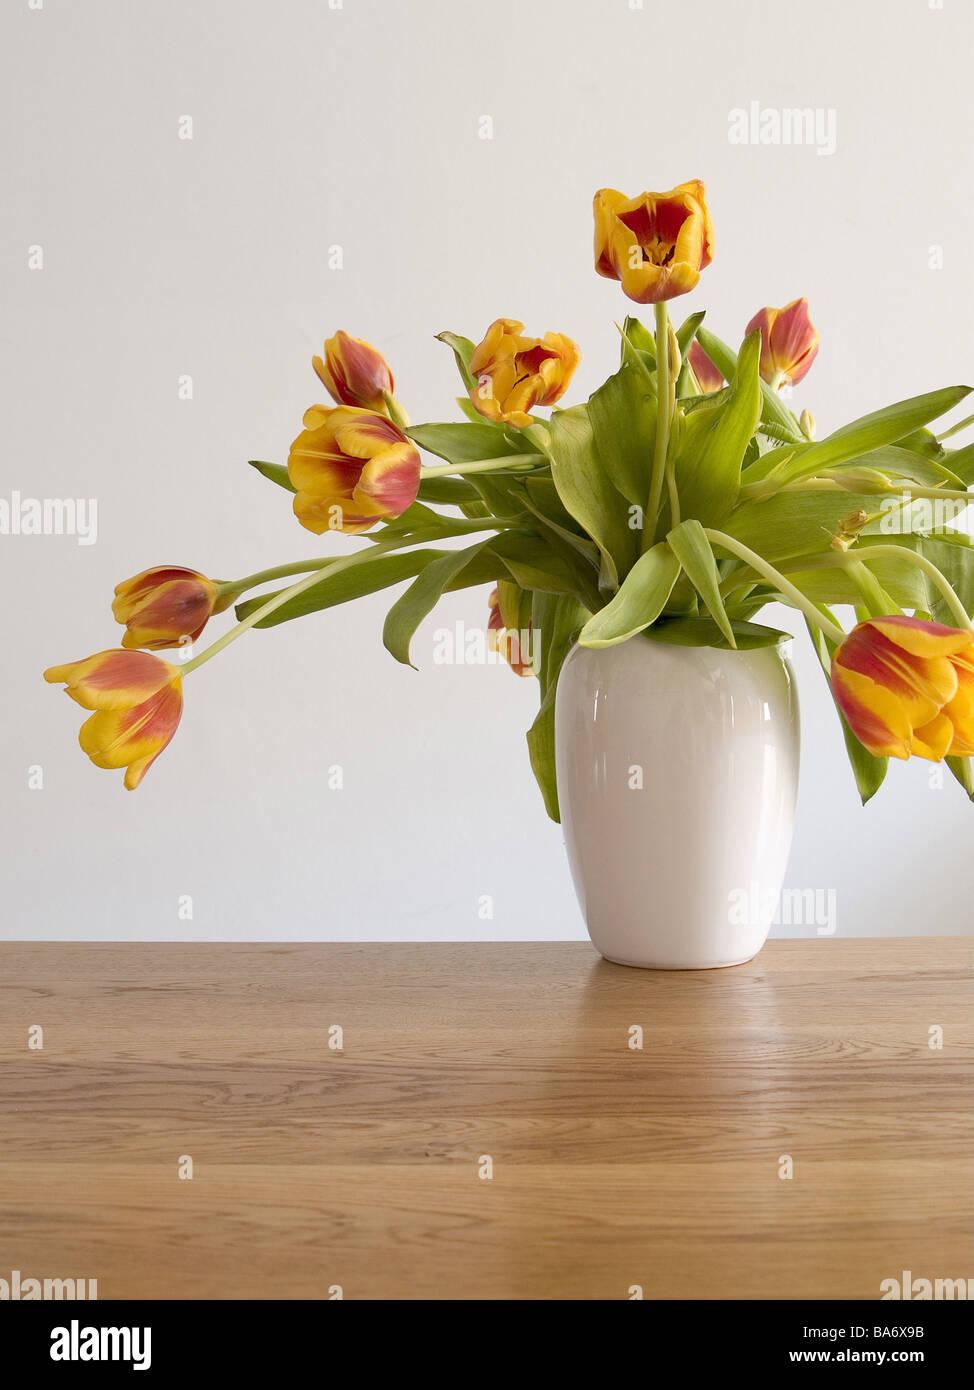 Wilts wood table flower vase tulip bouquet yellow red vase flowers wilts wood table flower vase tulip bouquet yellow red vase flowers flower bouquet cut flowers lily plants tulip blooms tulips floridaeventfo Images